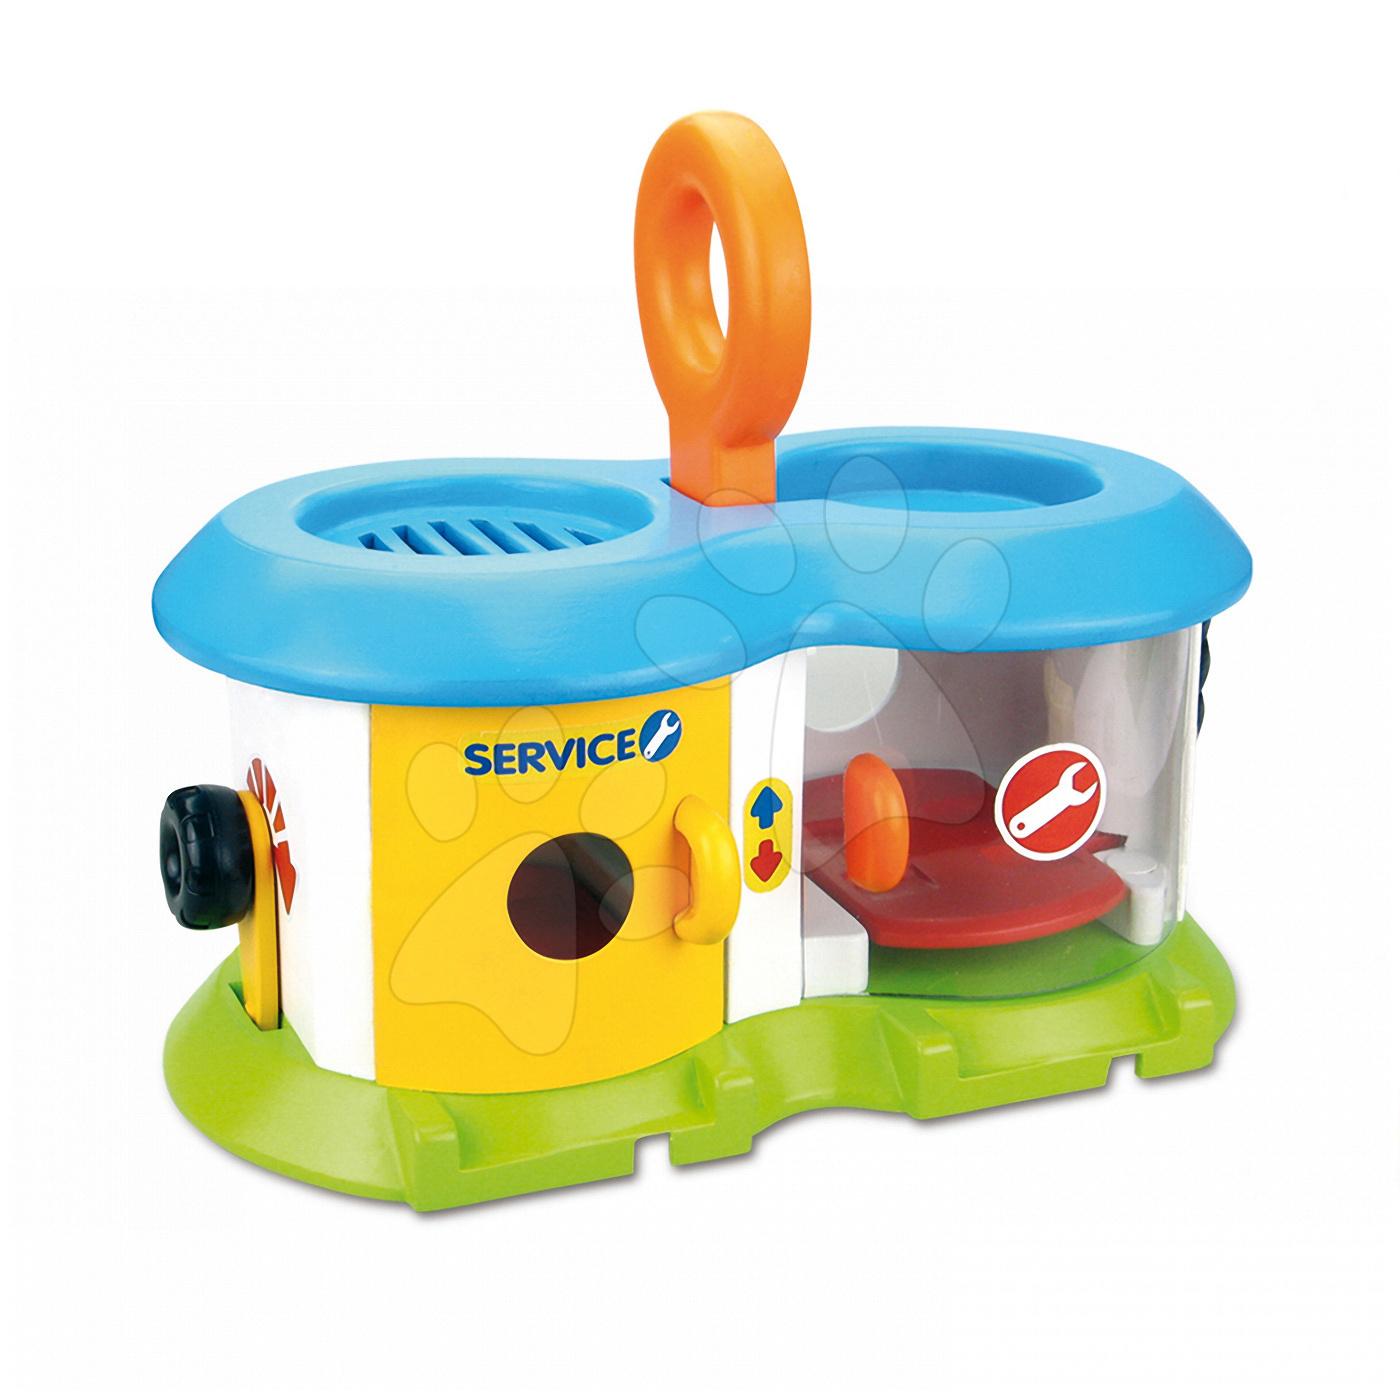 Garaj de jucărie Vroom Planet Smoby cu maşinuţă de la 12 luni